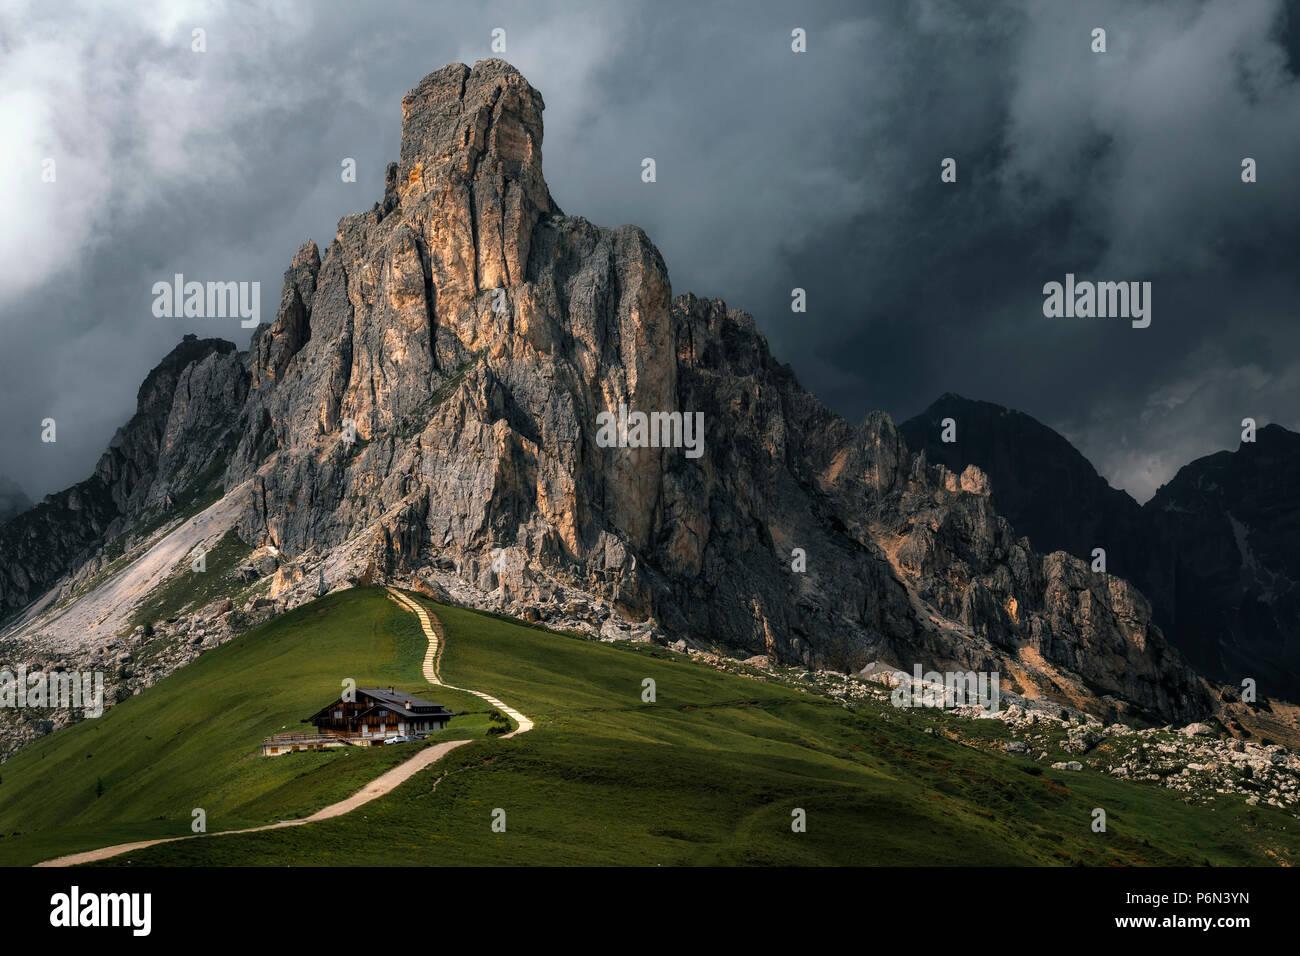 Il passo di Giau, Veneto, Dolomiti, Italia, Europa Immagini Stock